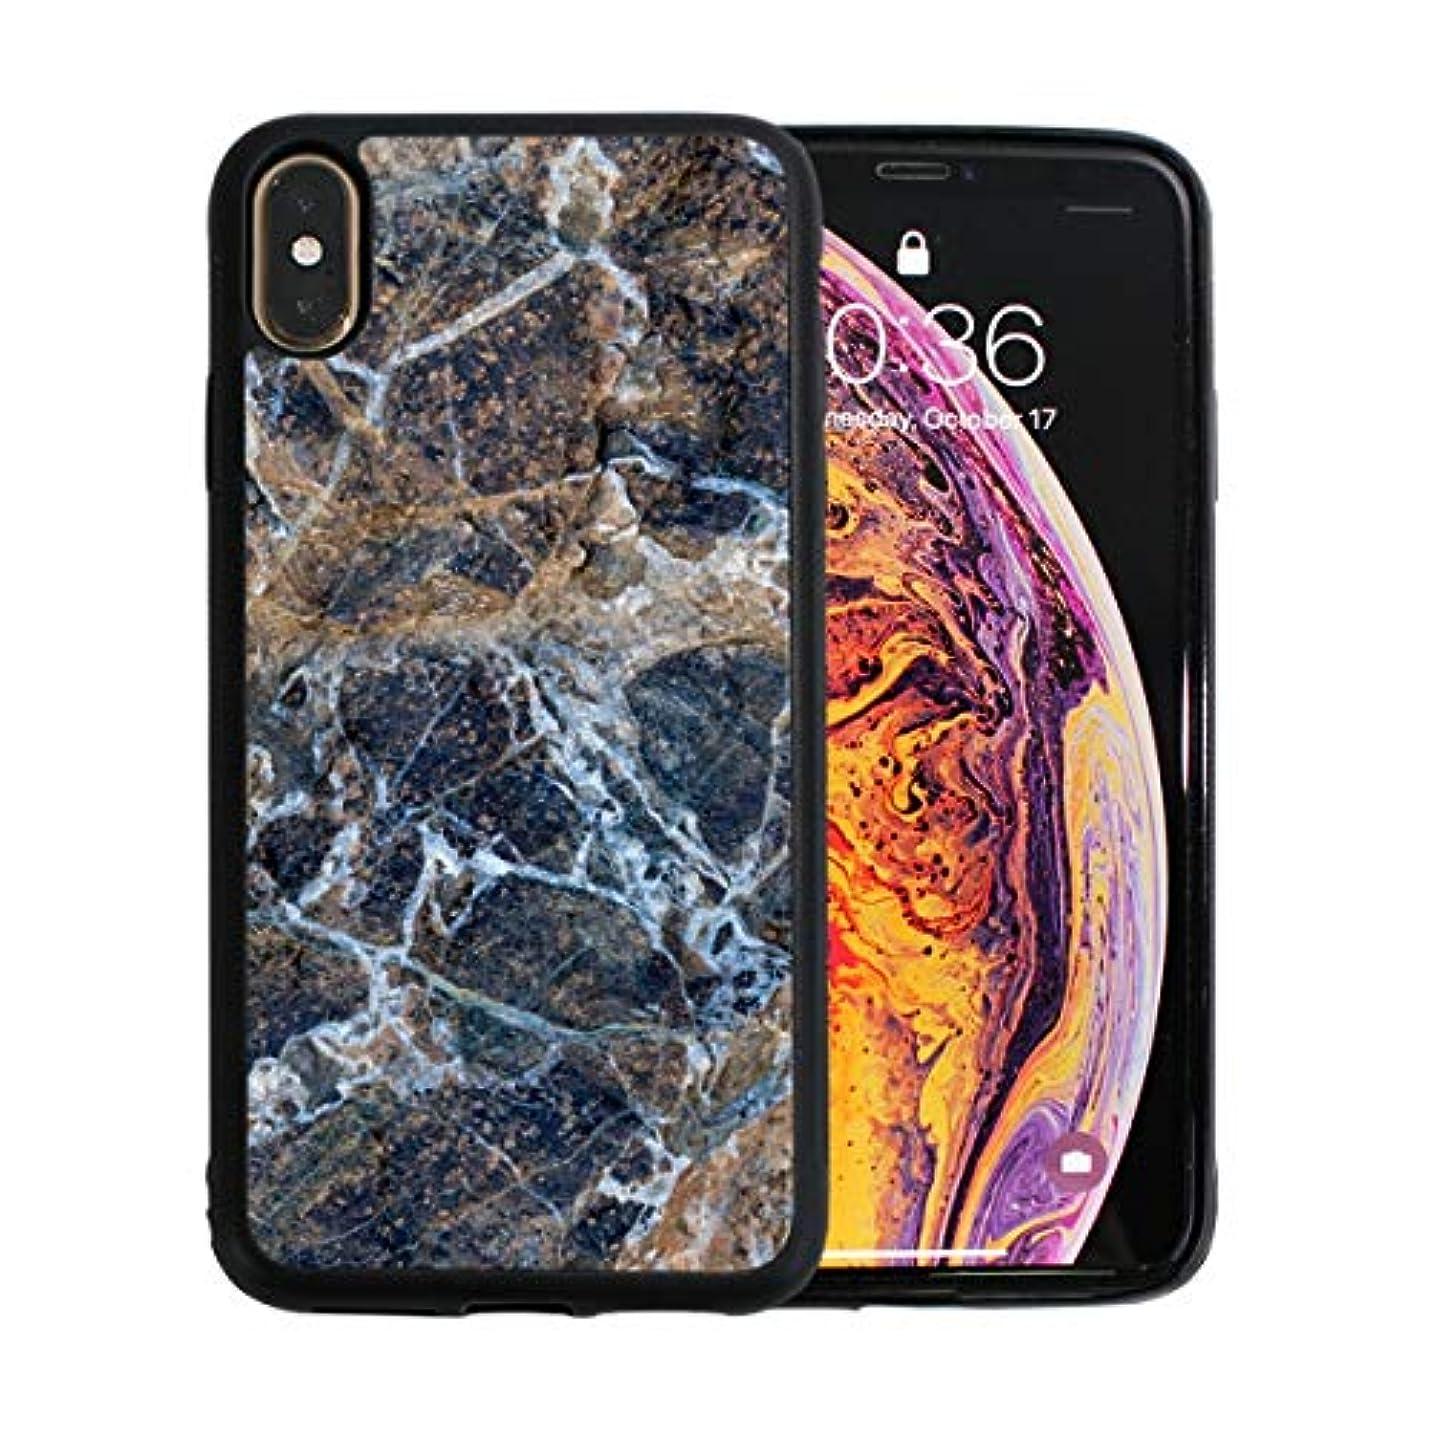 炎上愛されし者判決GSHCJ Iphone Xs Max ケース 大理石の模様 薄型 軽量 保護カバー 擦り傷防止 Tpu 耐衝撃 ソフト 防塵 指紋防止 おしゃれ Qi 充電 対応 スマホケース